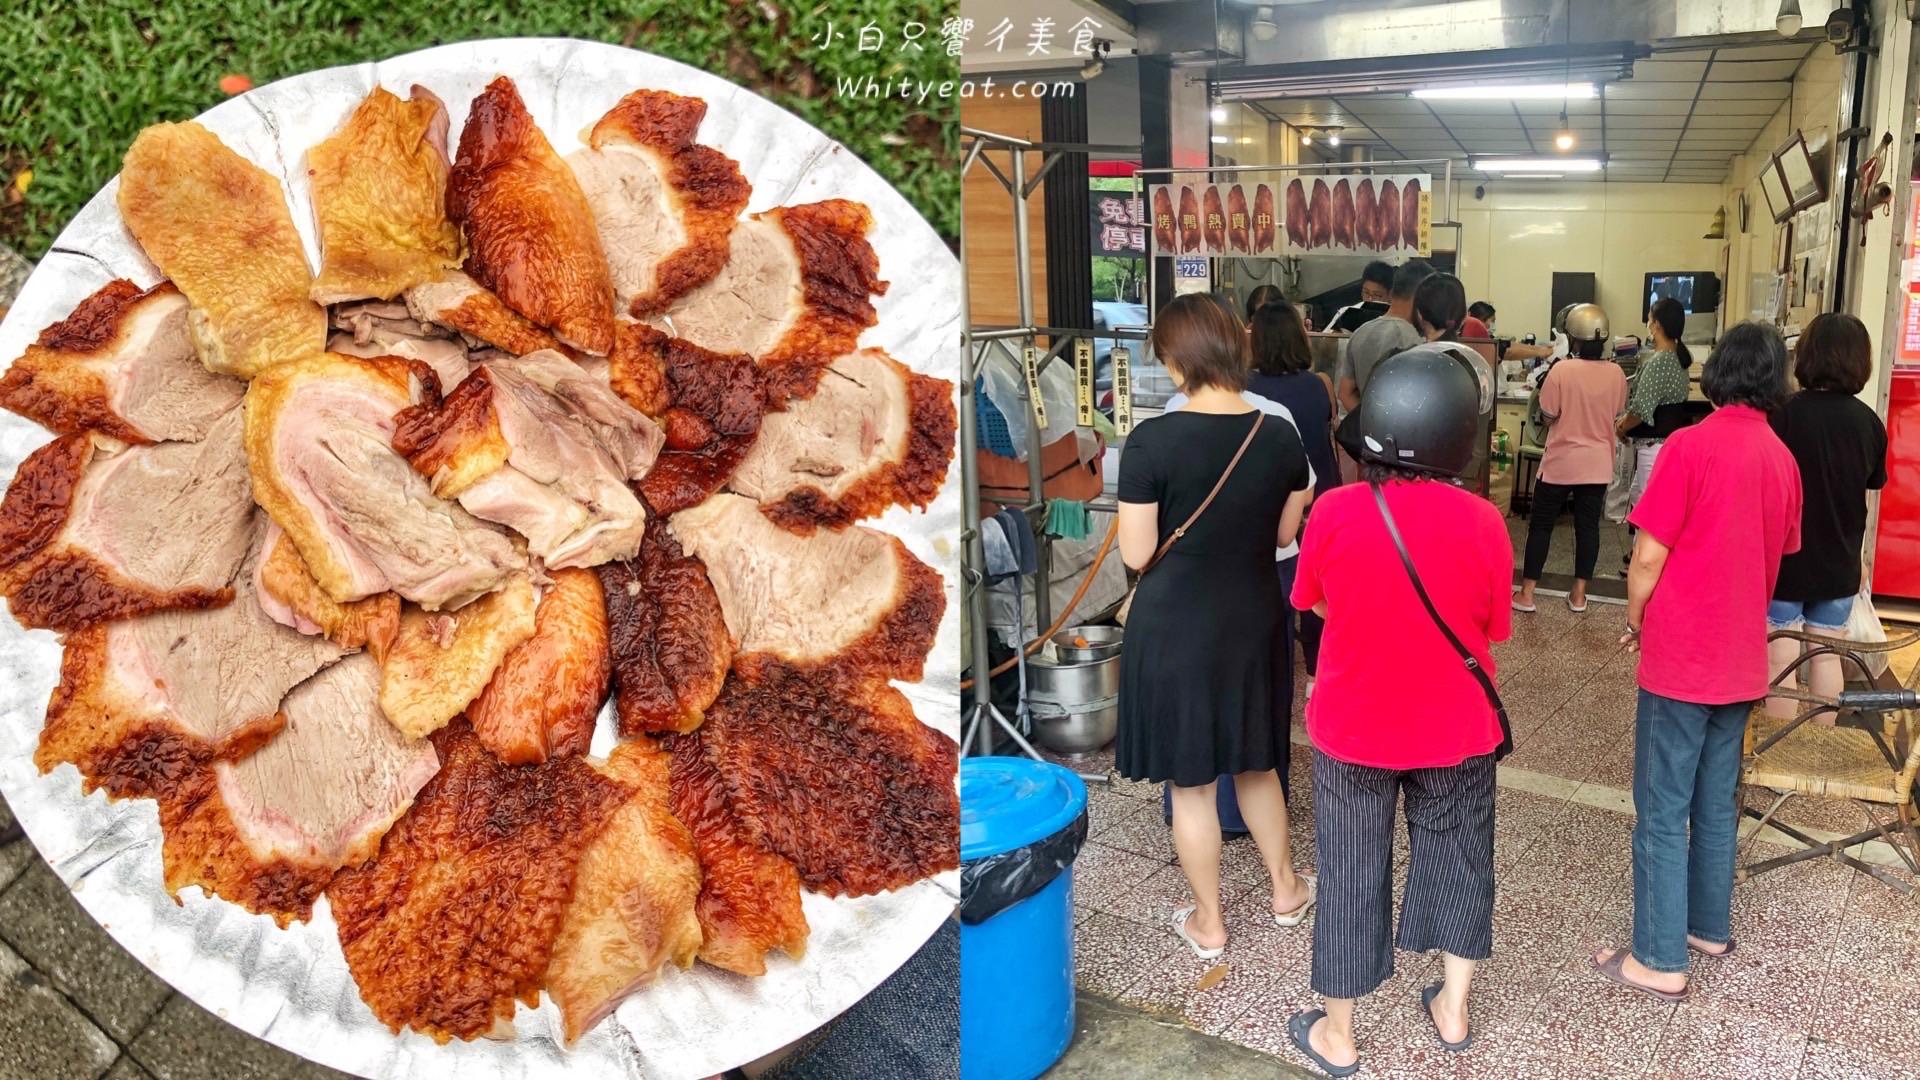 【台南美食】台南在地烤鴨名店!飄香在地35年 天天都在排隊真的那麼厲害?便宜坊北平烤鴨|台南北區美食